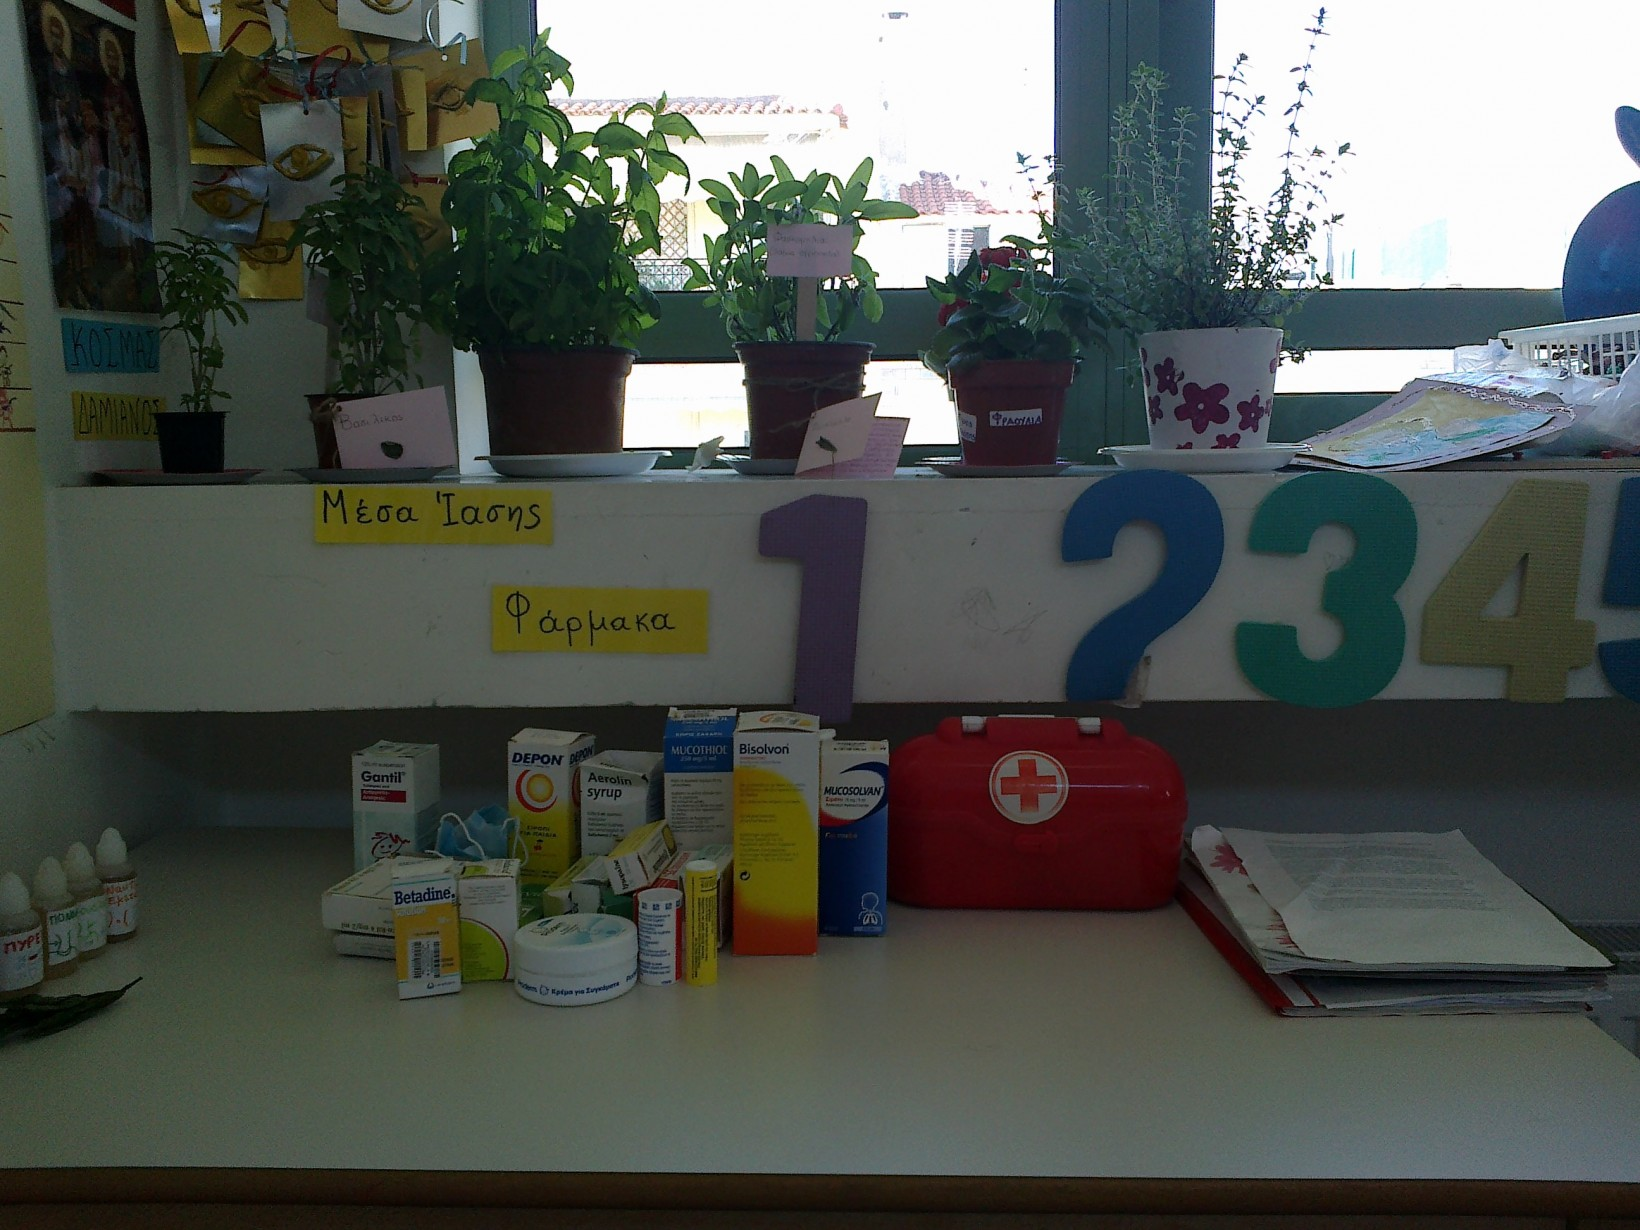 Πρόγραμμα Αγωγής Υγείας 2012-2013 στις 8ο Νηπιαγωγείο Κορυδαλλού! 419092c6f89